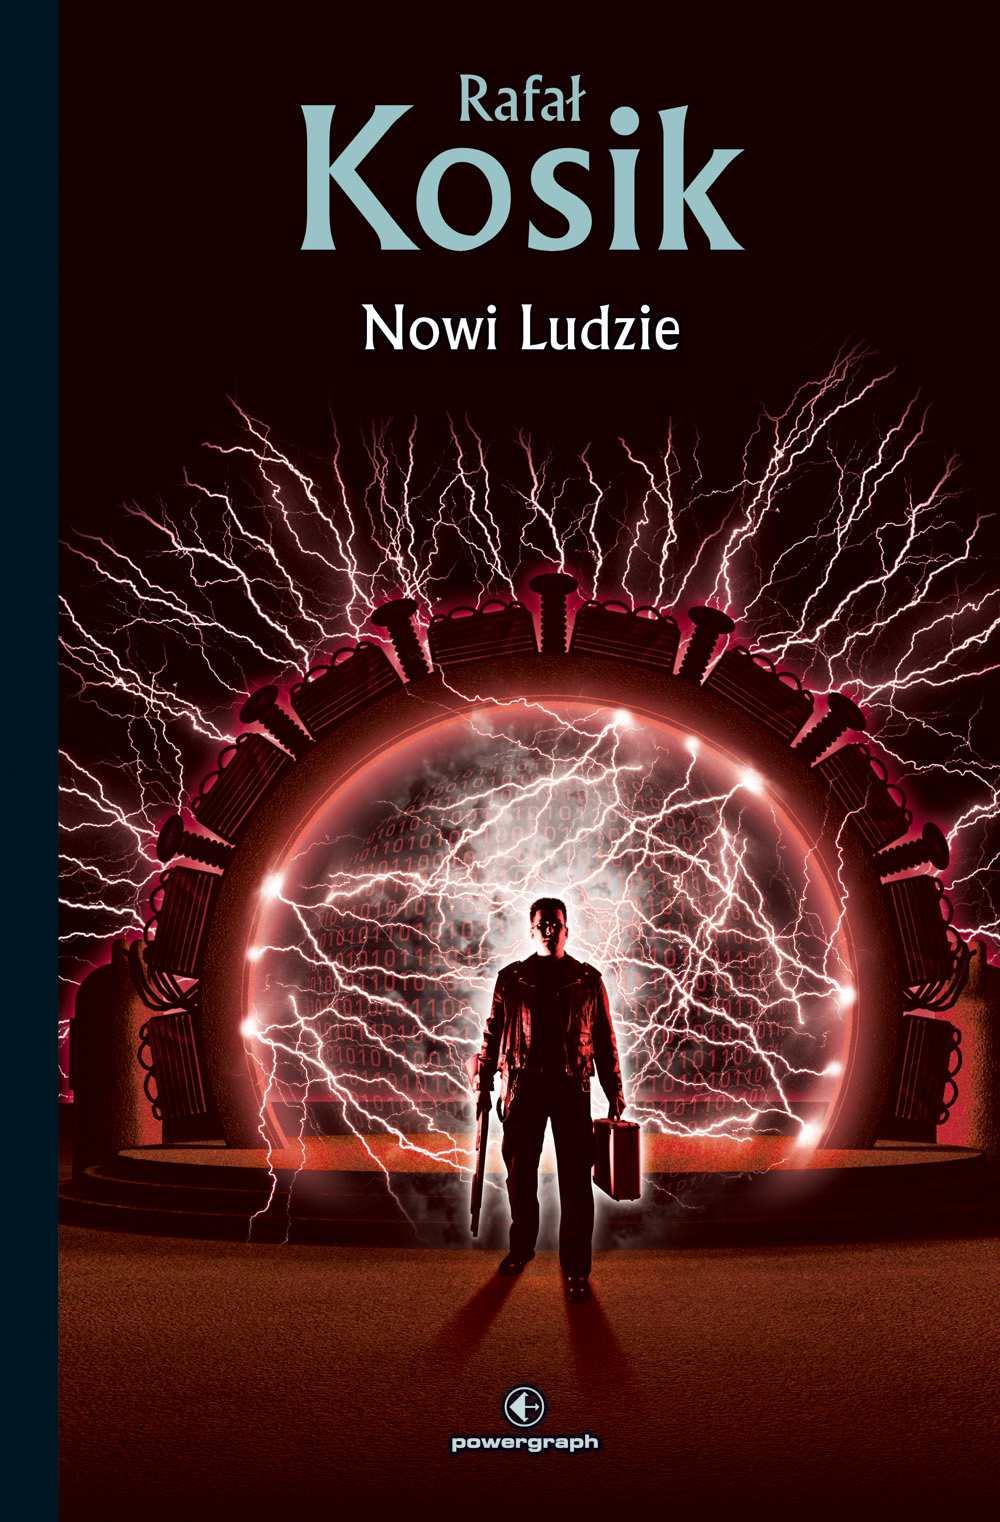 Nowi Ludzie - Ebook (Książka EPUB) do pobrania w formacie EPUB